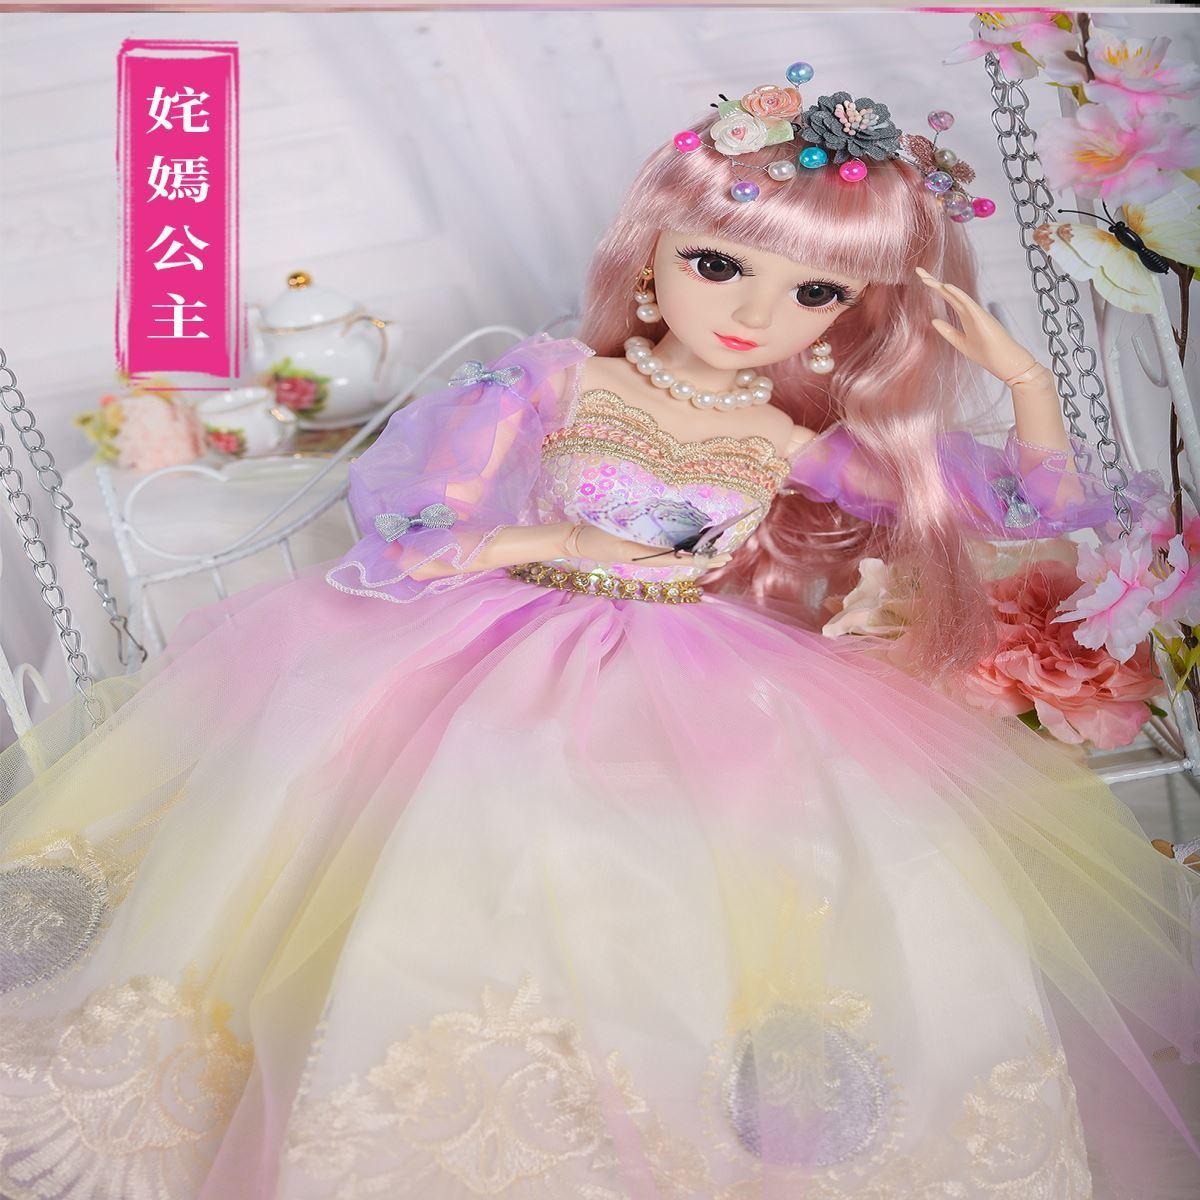 翅膀公主裙星座双人嘿喽芭比娃娃套装女孩公主玩具屋美人特大房子